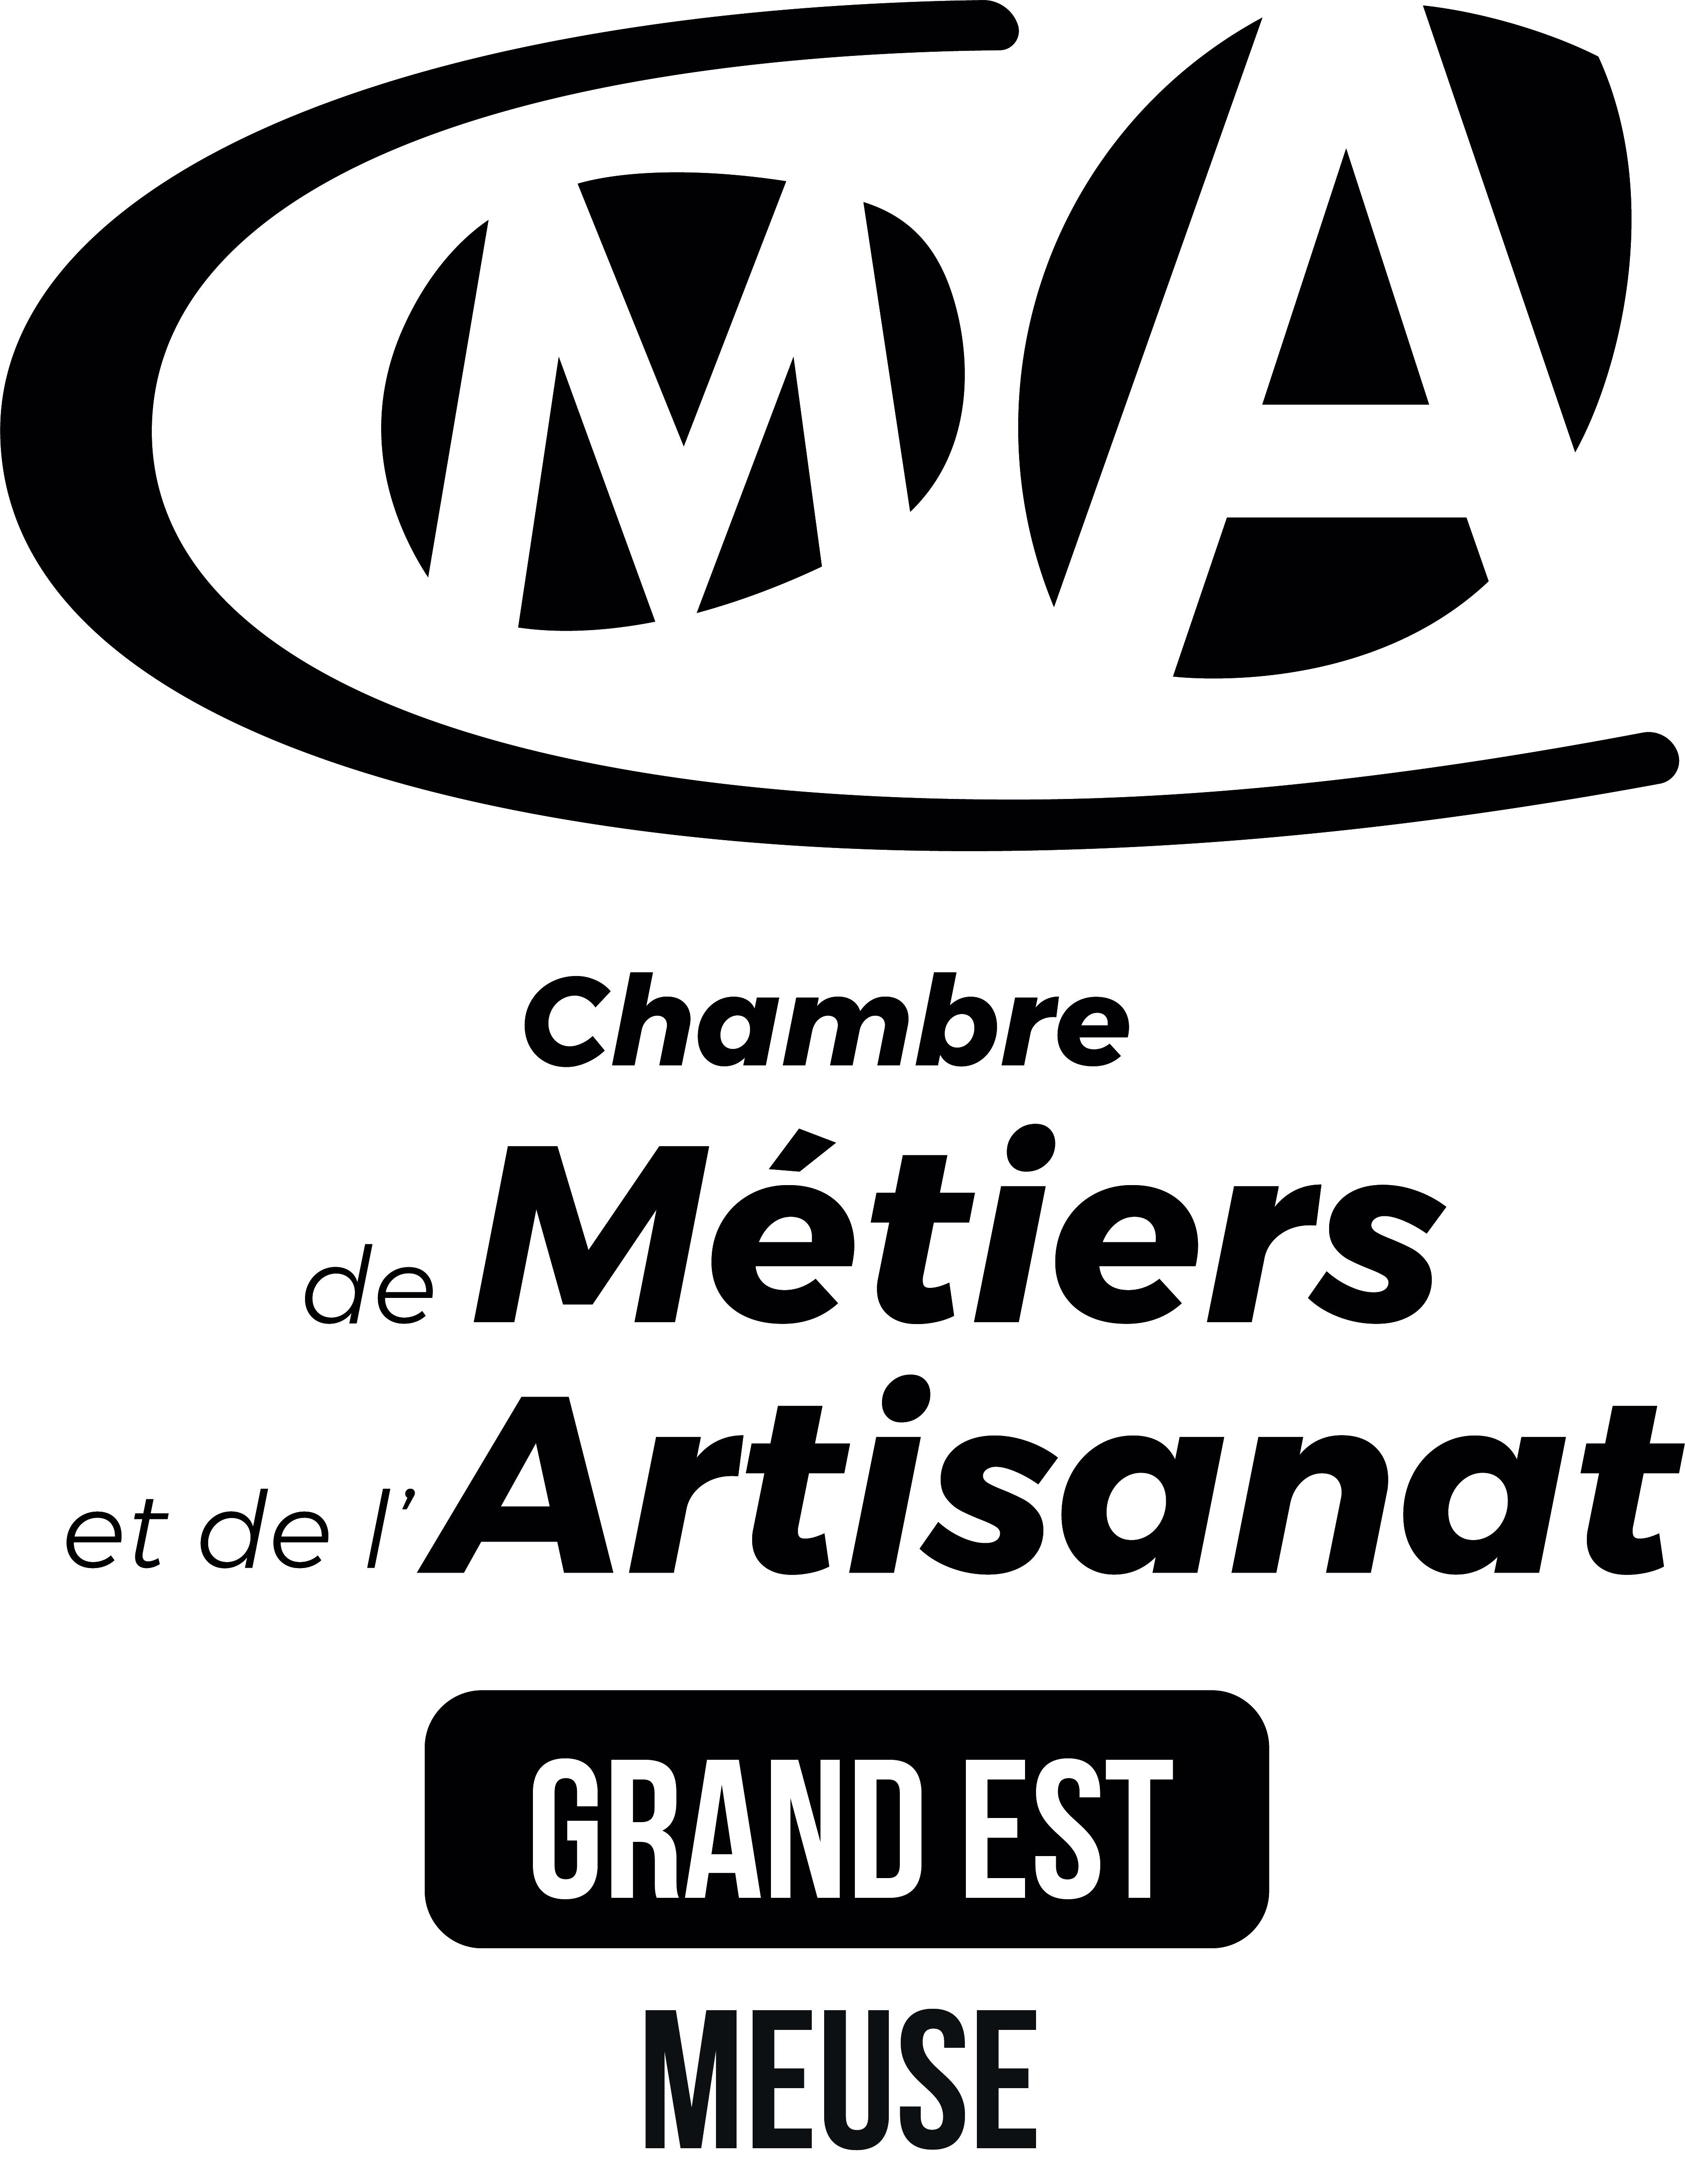 CMA Grand Est #Meuse